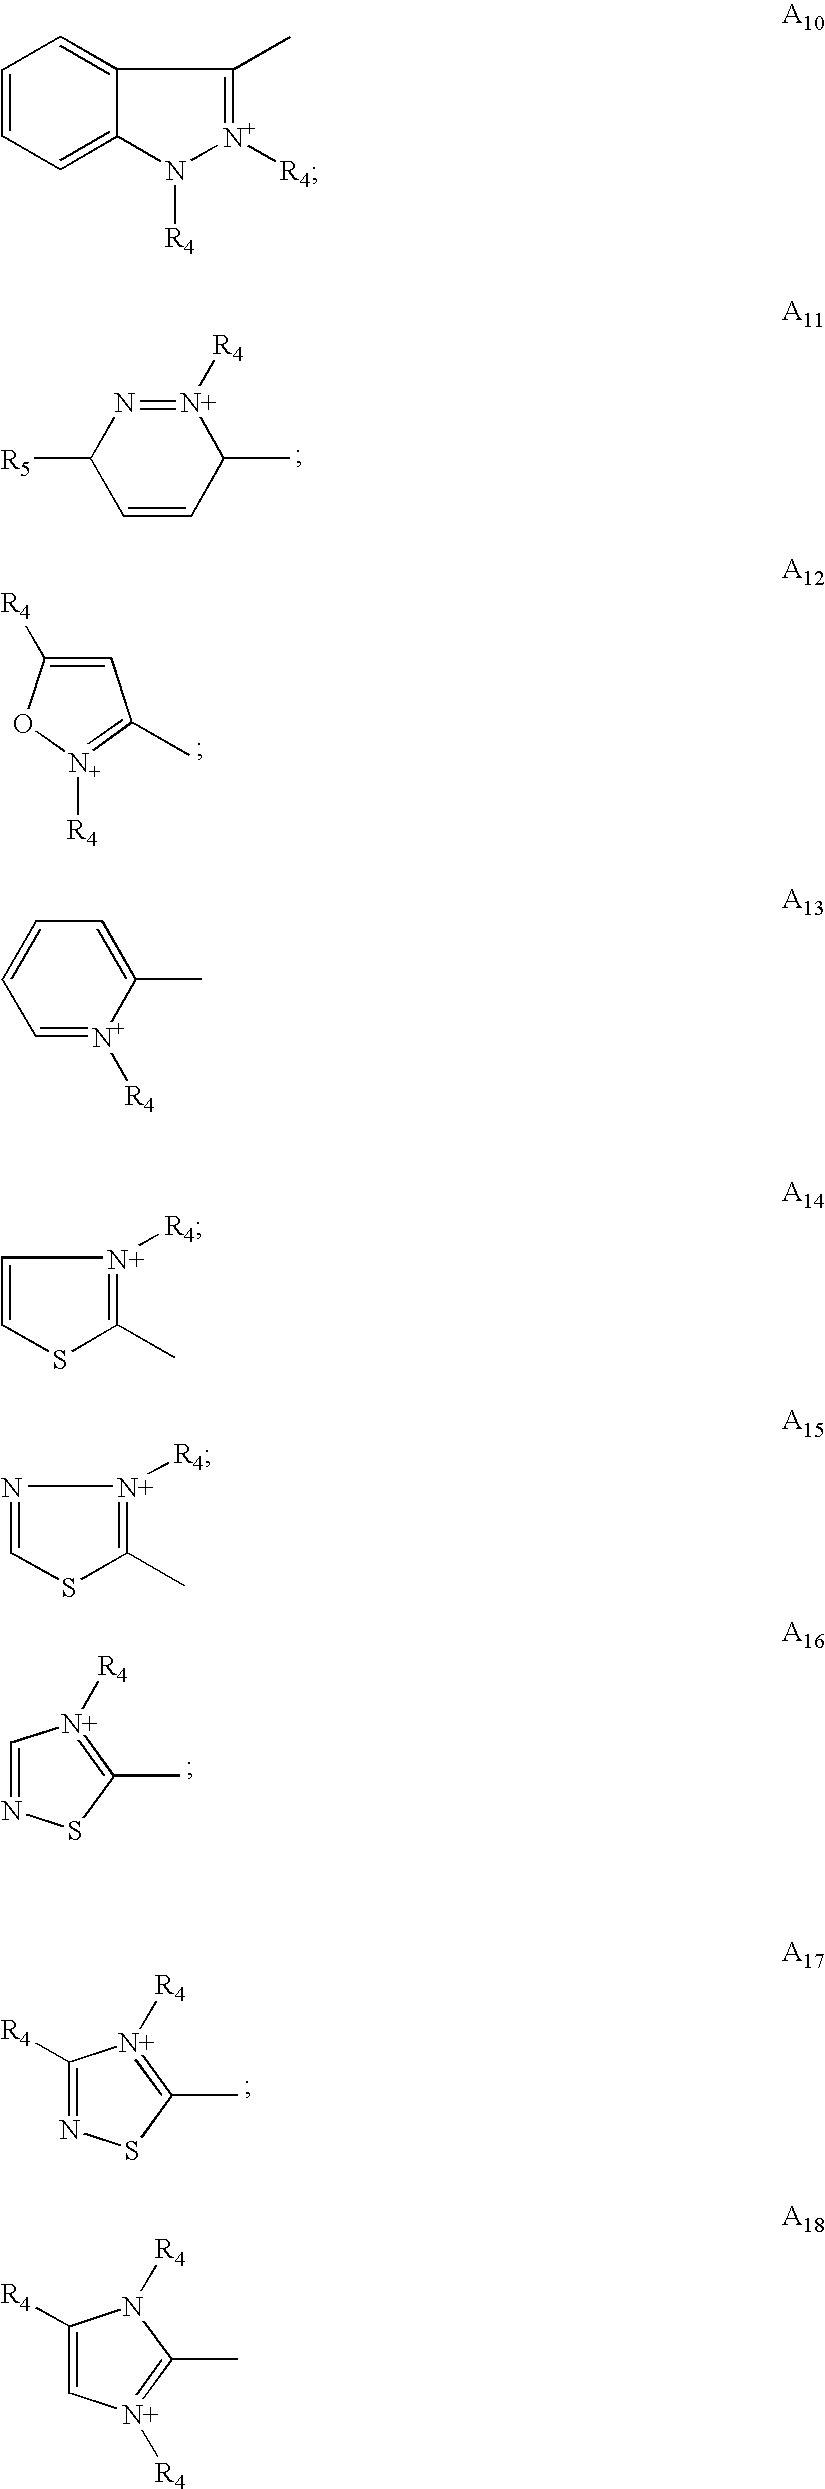 Figure US20100223739A1-20100909-C00004